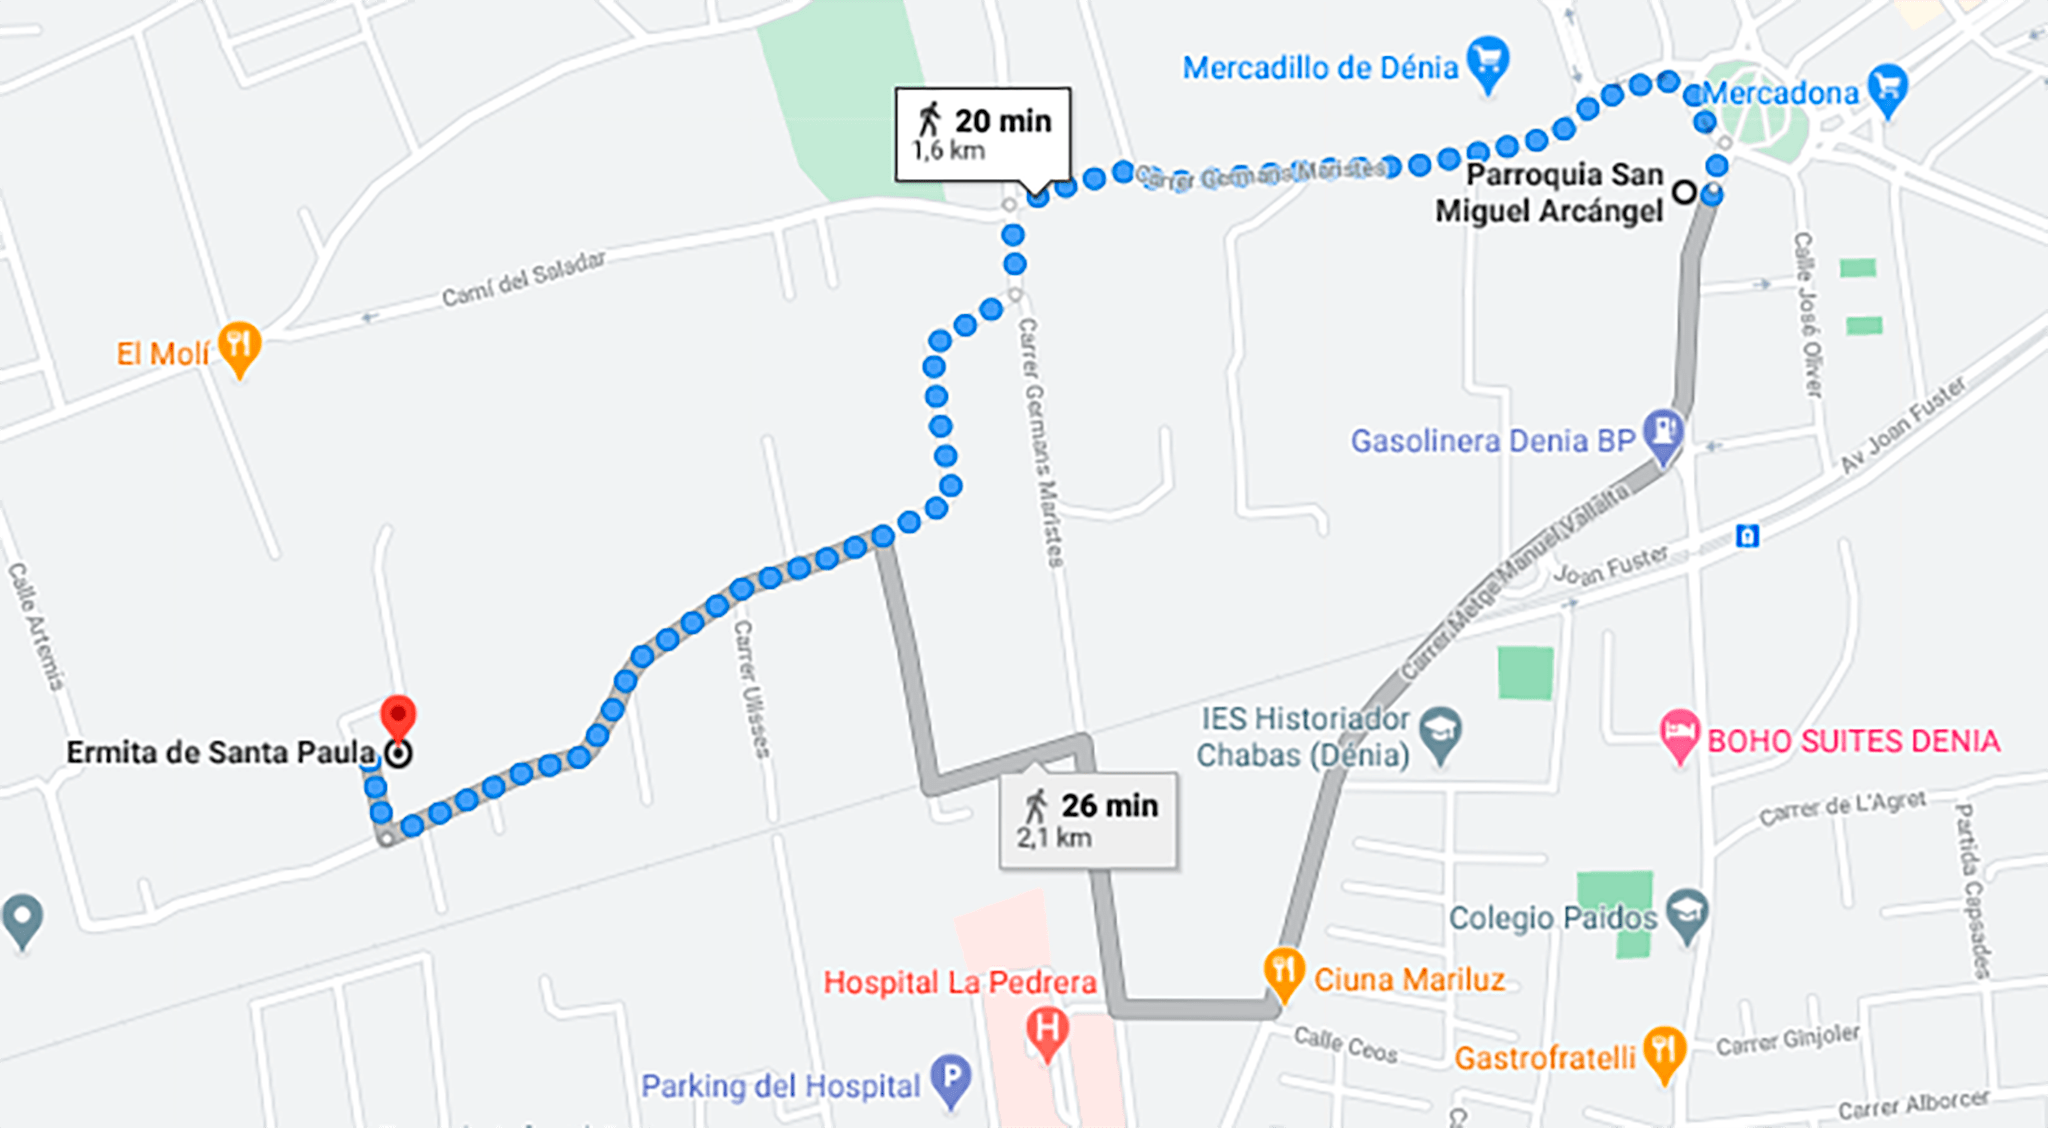 Itinerario marcado de la Romería de Santa Paula de Dénia, desde la Parroquia de San Miguel hasta la Ermita de Santa Paula